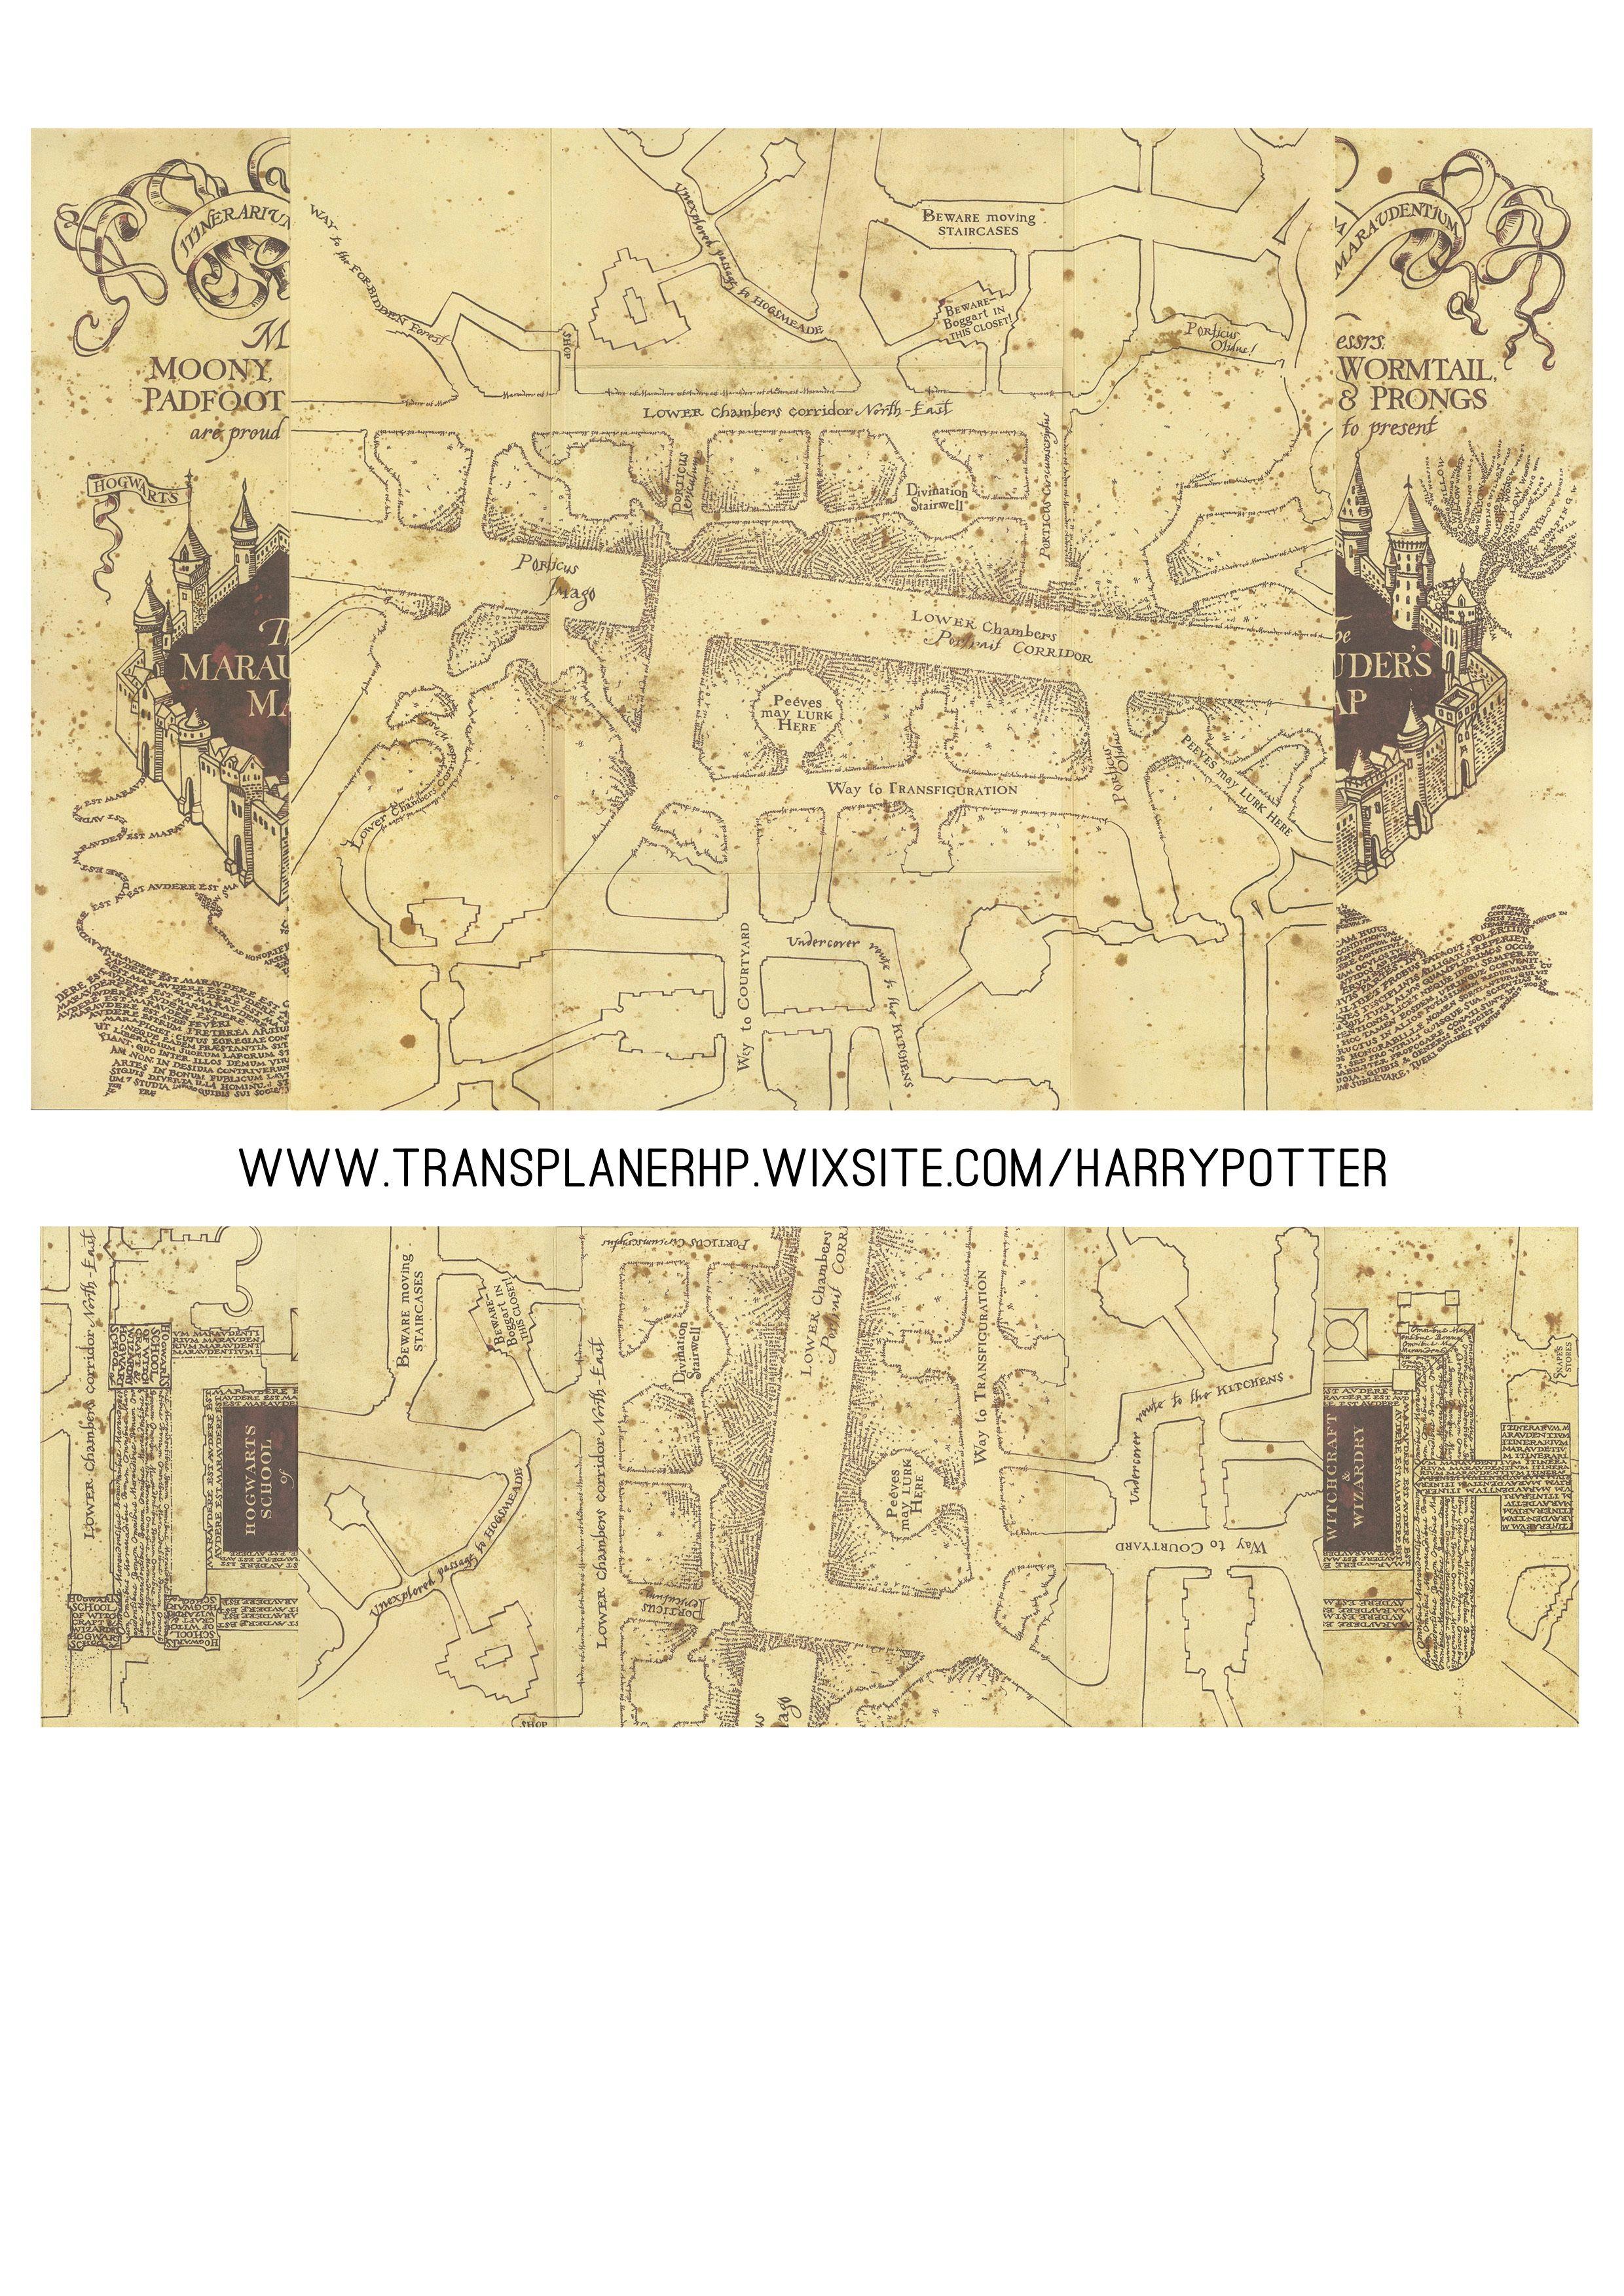 carte du maraudeur à imprimer DIY   LA CARTE DU MARAUDEUR en 2020 (avec images) | La carte du